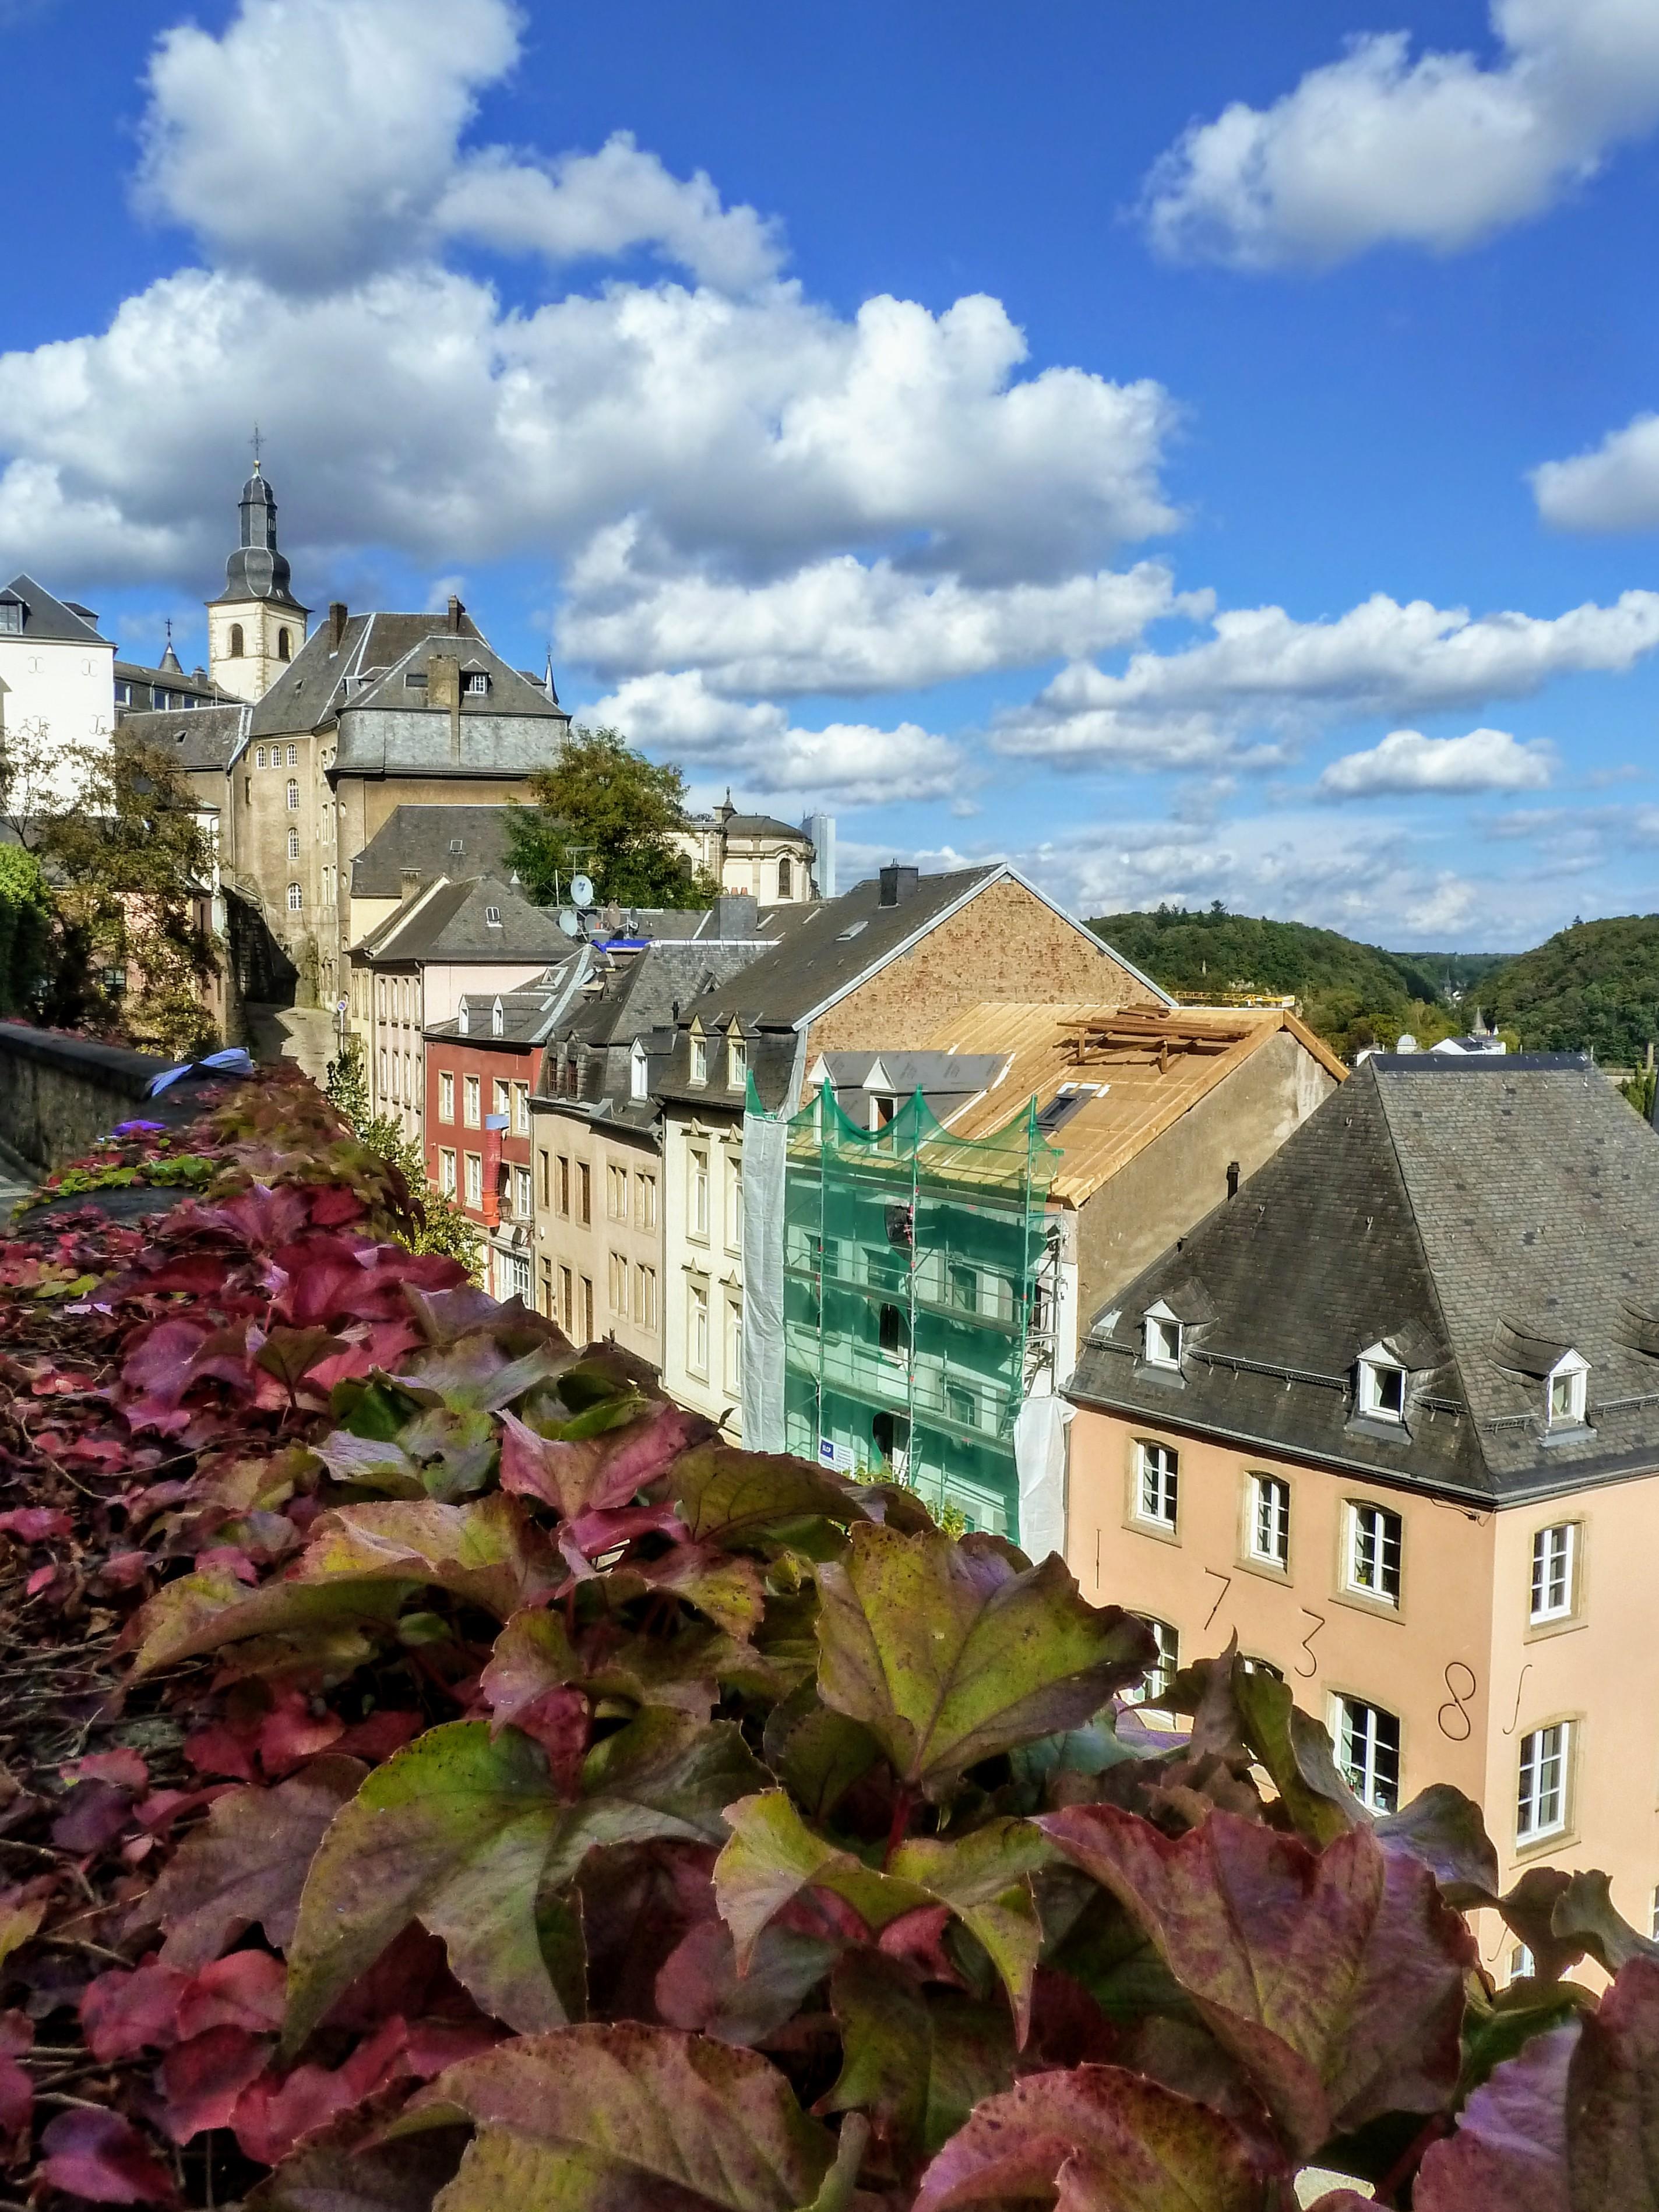 Musee d'Histoire de la Ville de Luxembourg